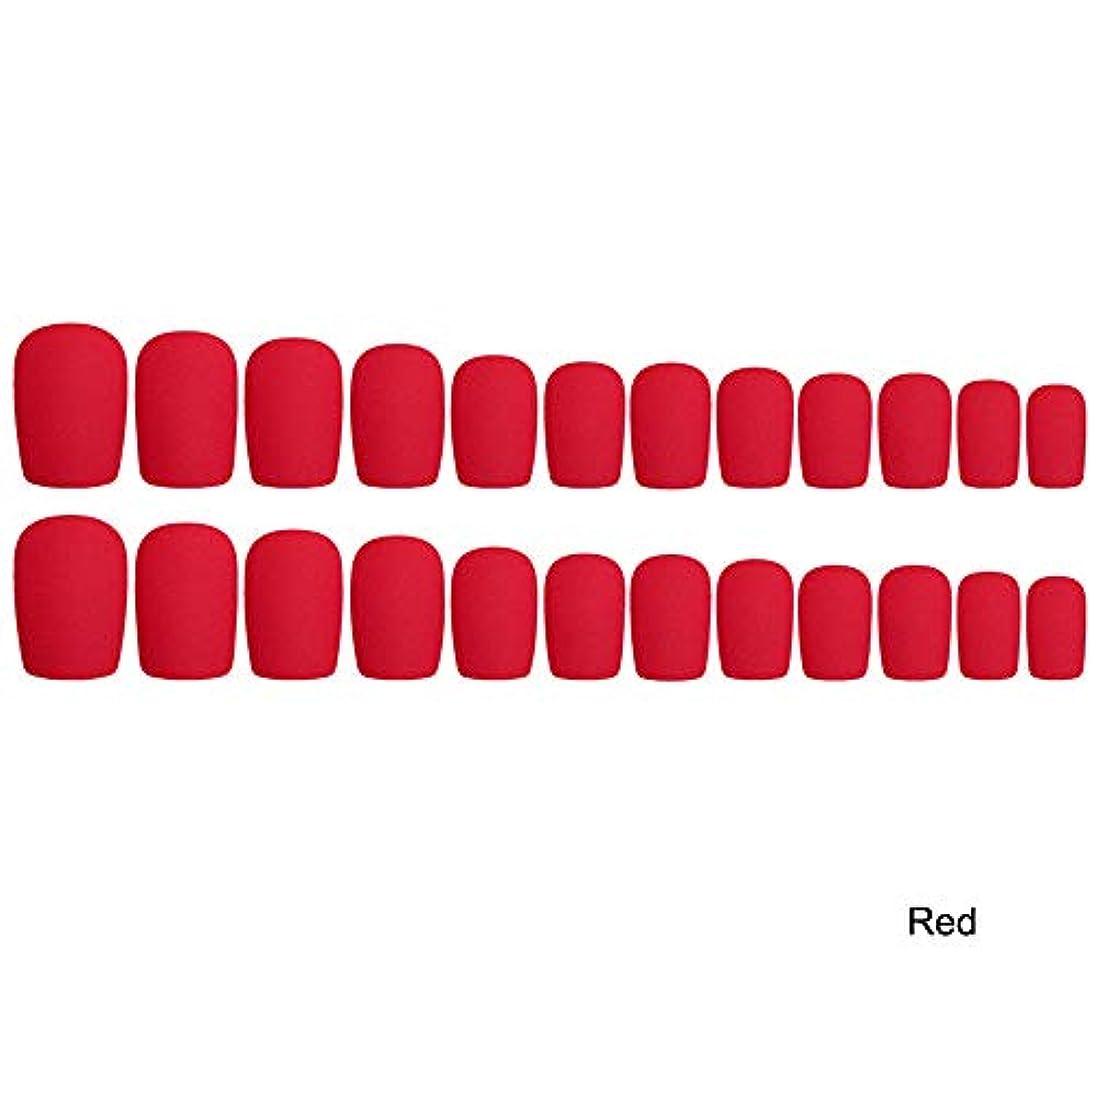 ボットフレームワーク遠近法Decdeal 24枚入れ ネイルチップ ネイル 練習用 ネイル用品 偽爪 つけ爪